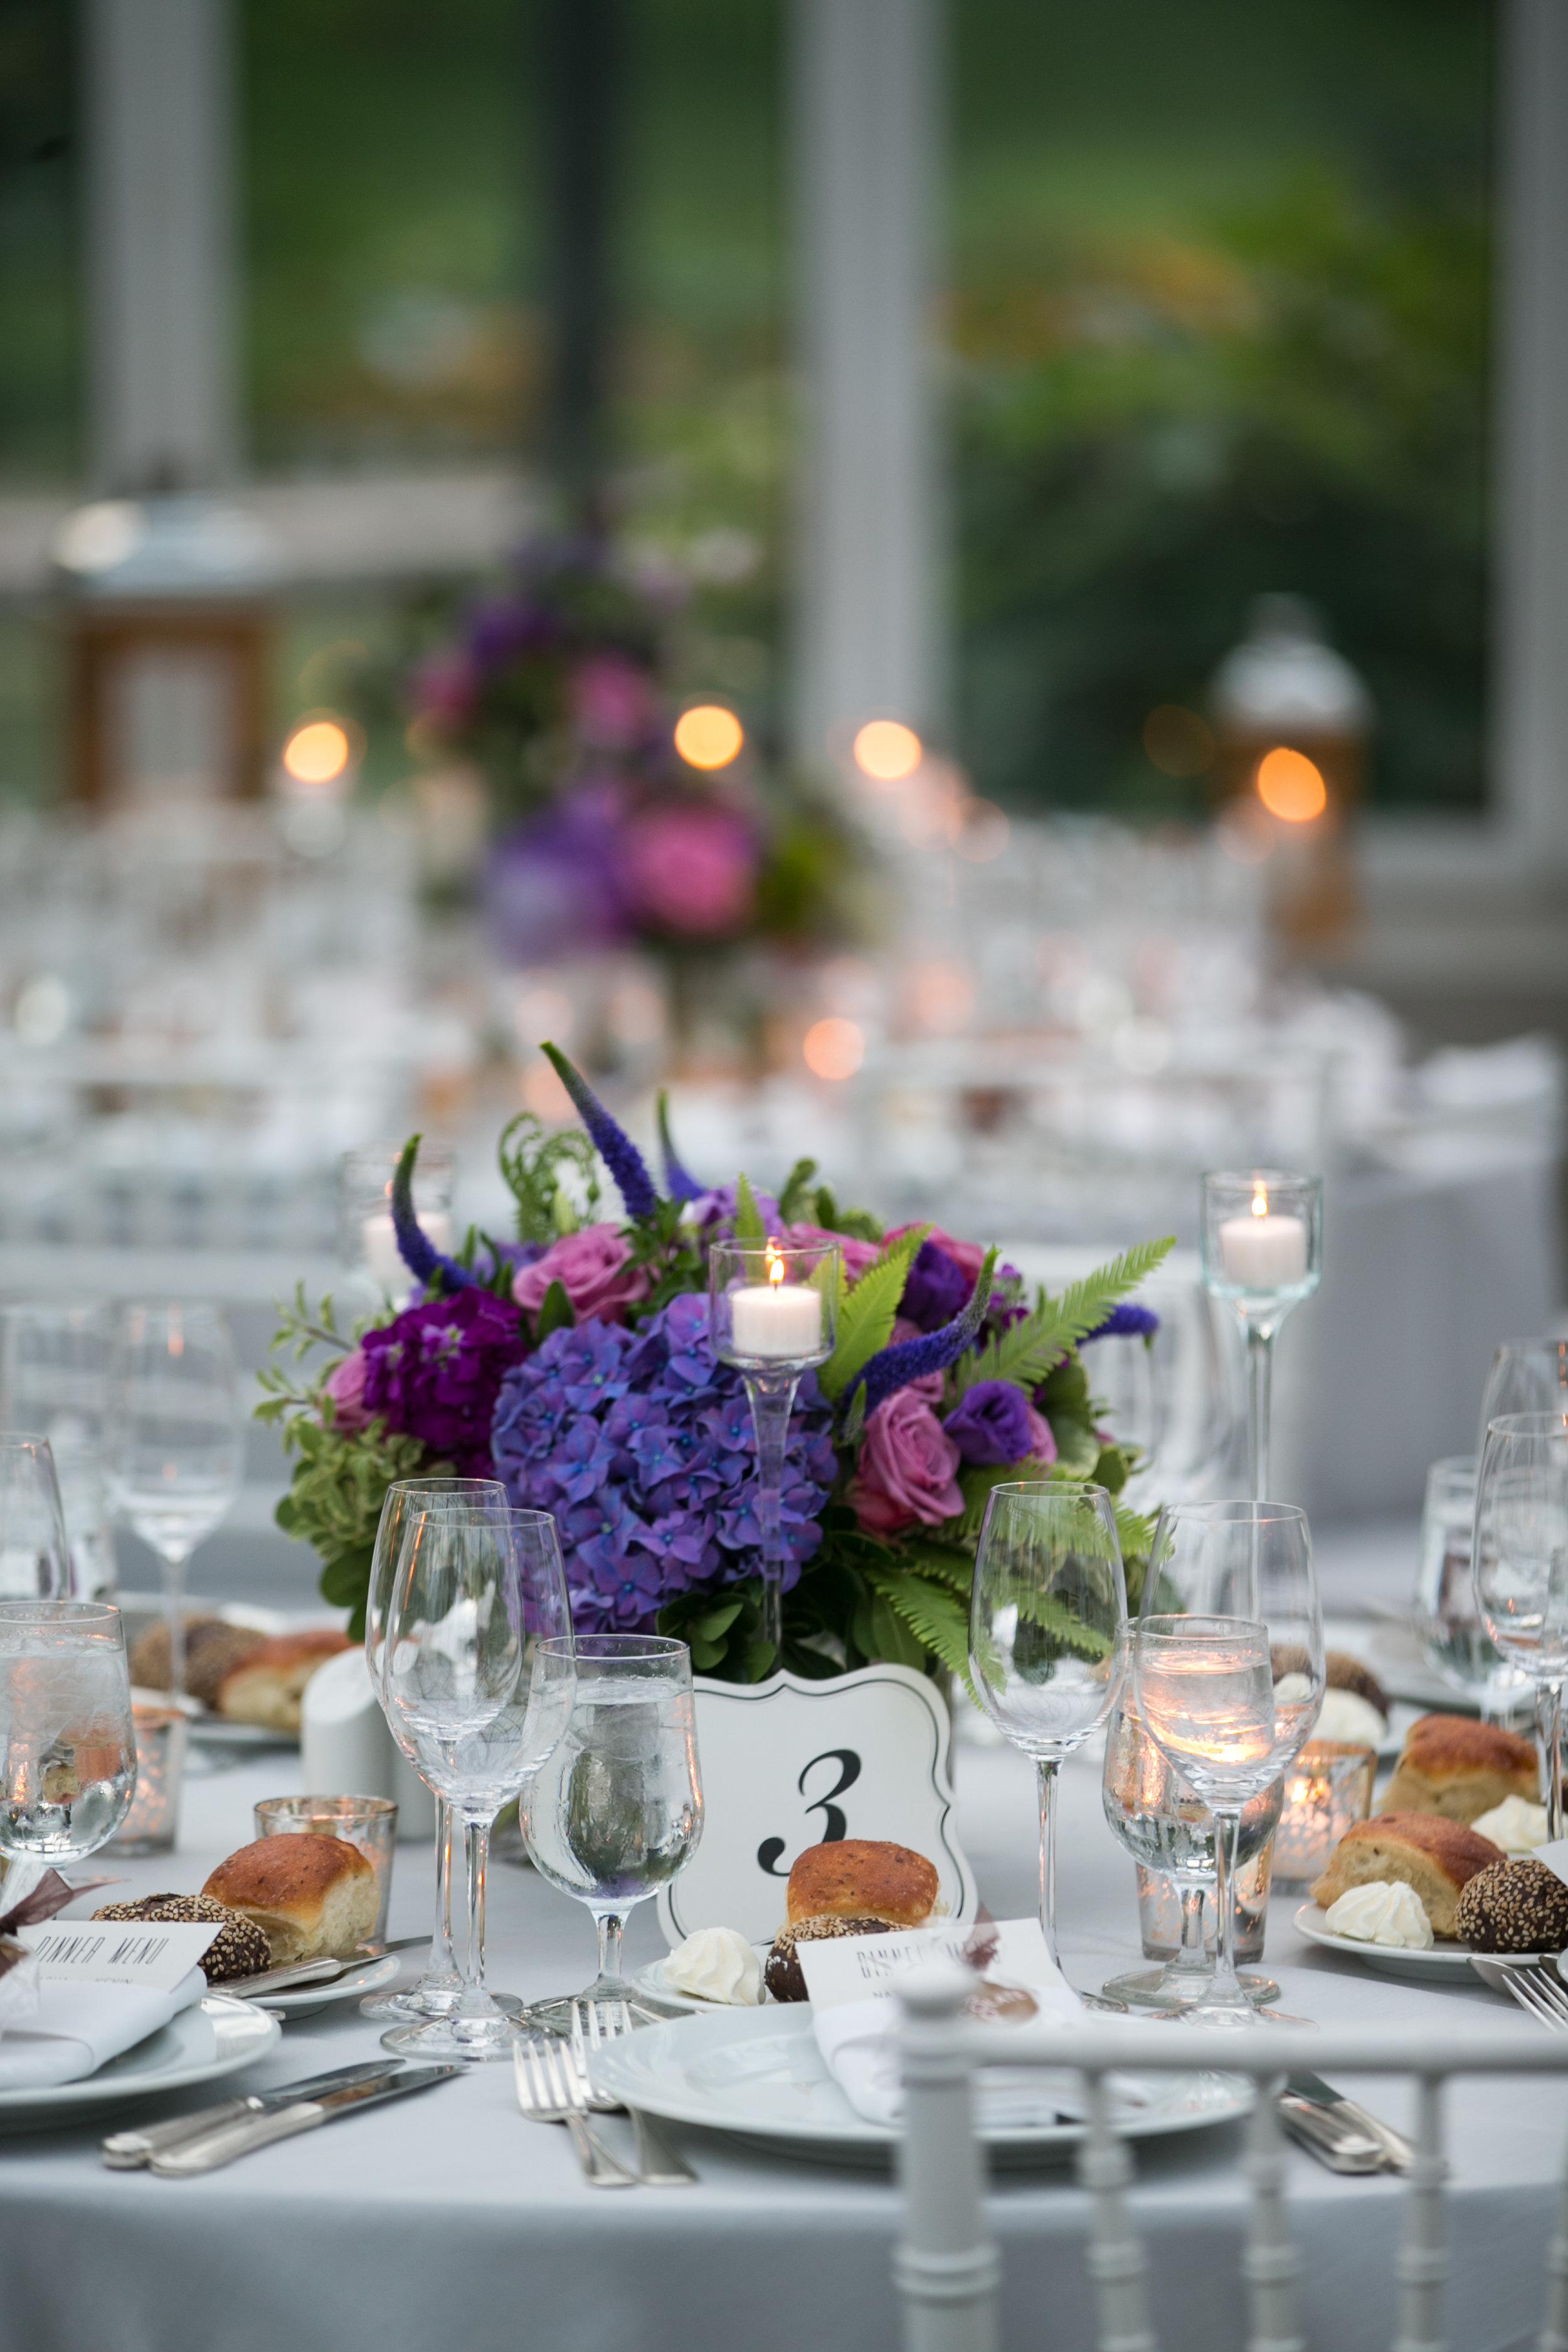 Purple hydrangea centerpiece